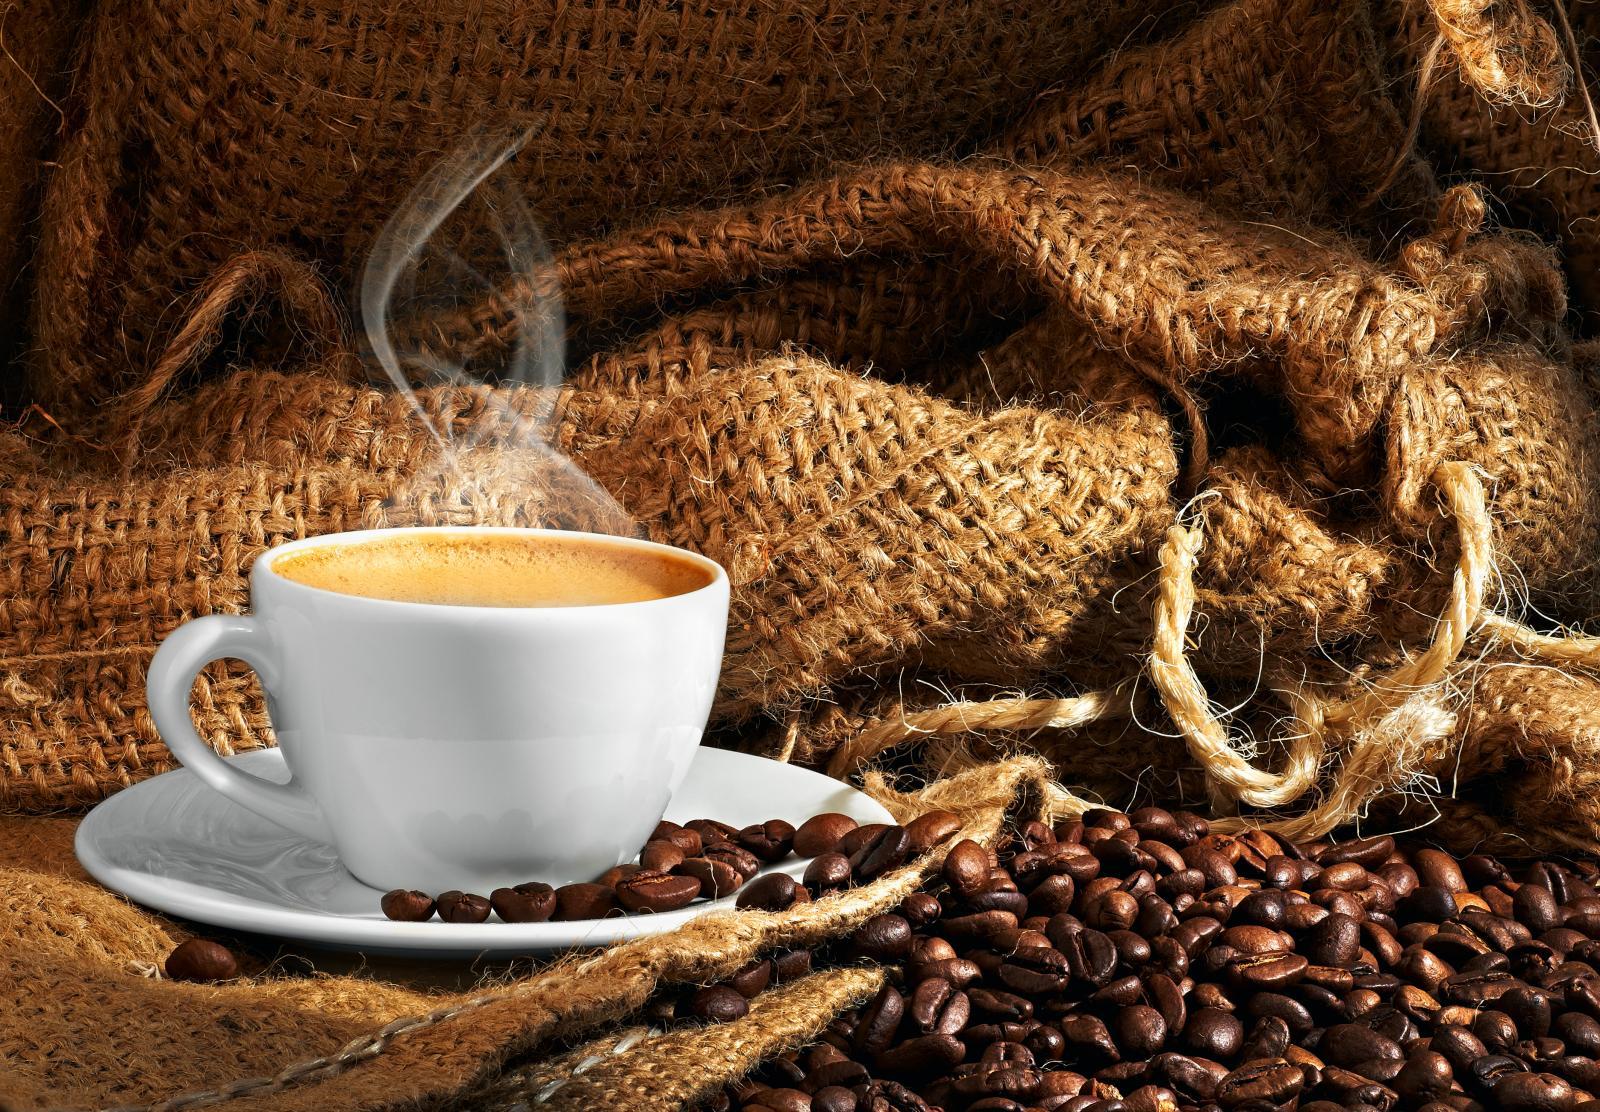 Эксперты доказали пользу кофе при депрессии